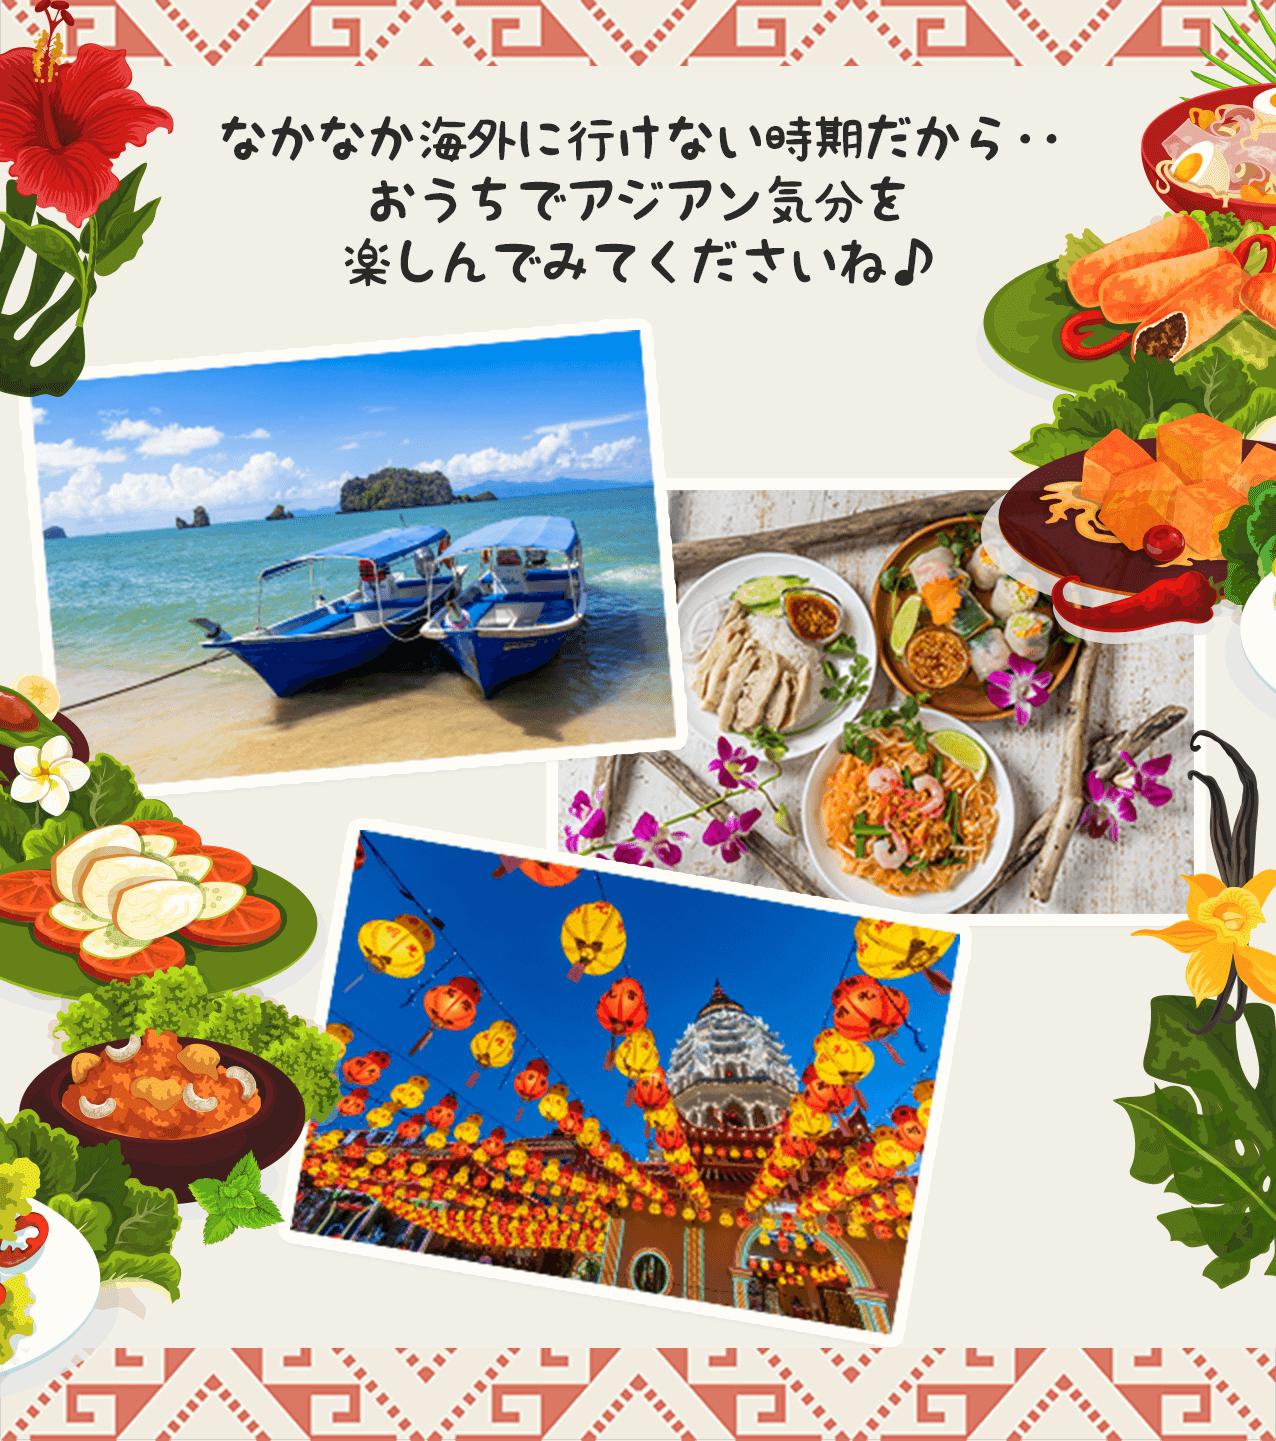 なかなか海外に行けない時期だから‥おうちでアジアン気分を楽しんでみてくださいね♪